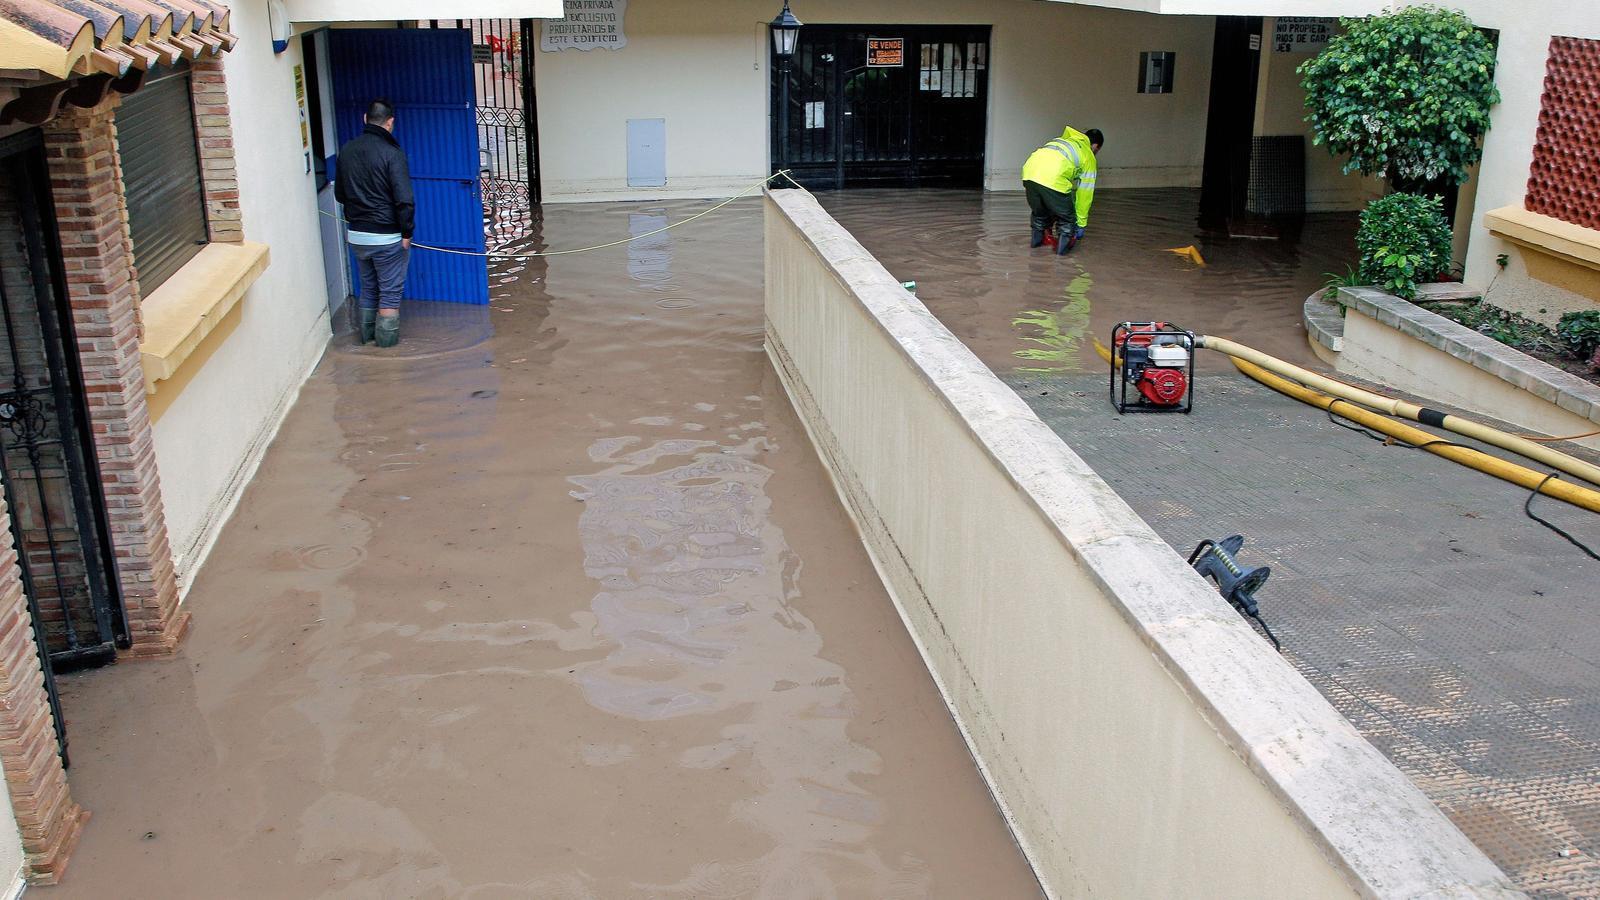 Més de 50.000 estudiants del País Valencià no aniran avui a classe davant l'avís vermell per pluges fortes